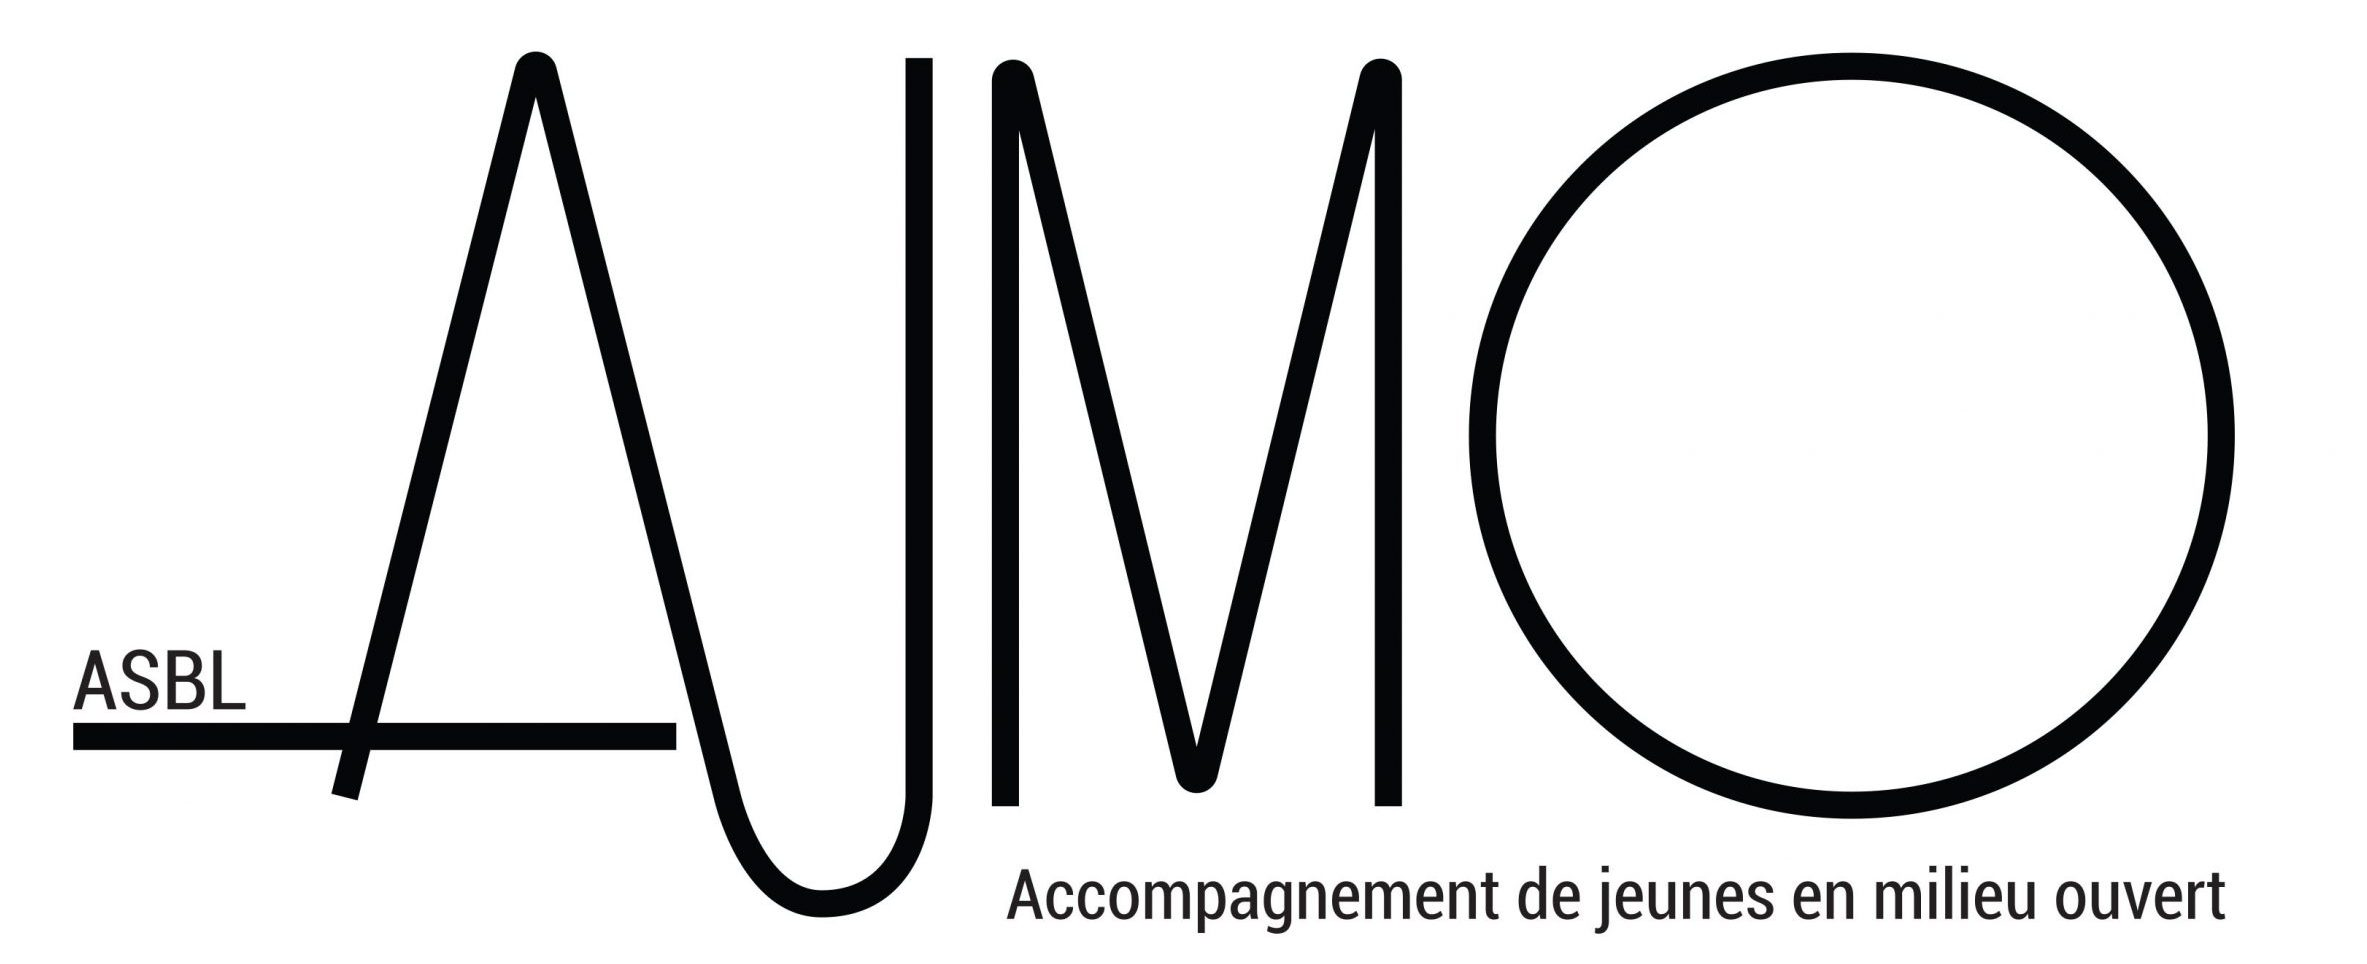 A.J.M.O.